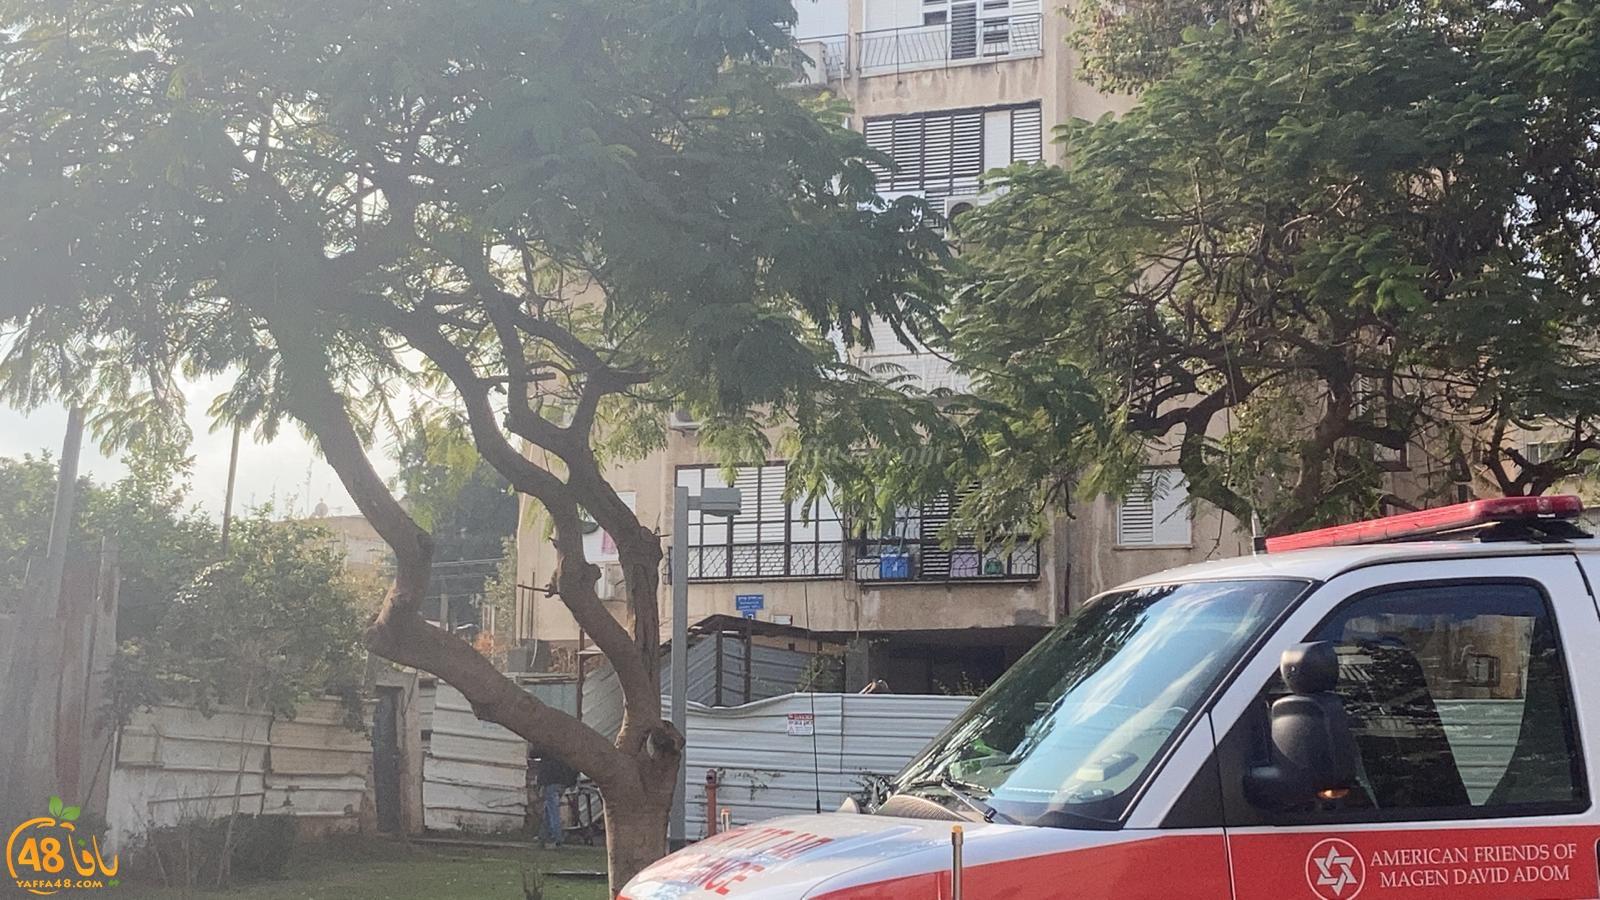 يافا: إصابة متوسطة لشخص اثر سقوطه من علو